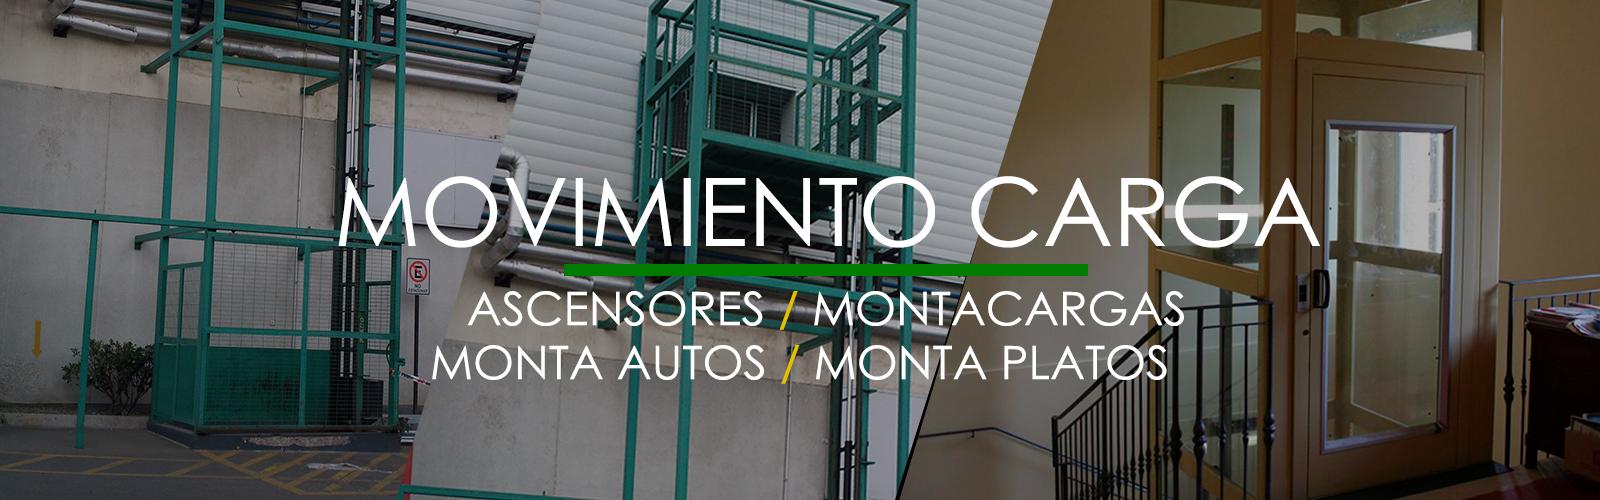 montacarga_2